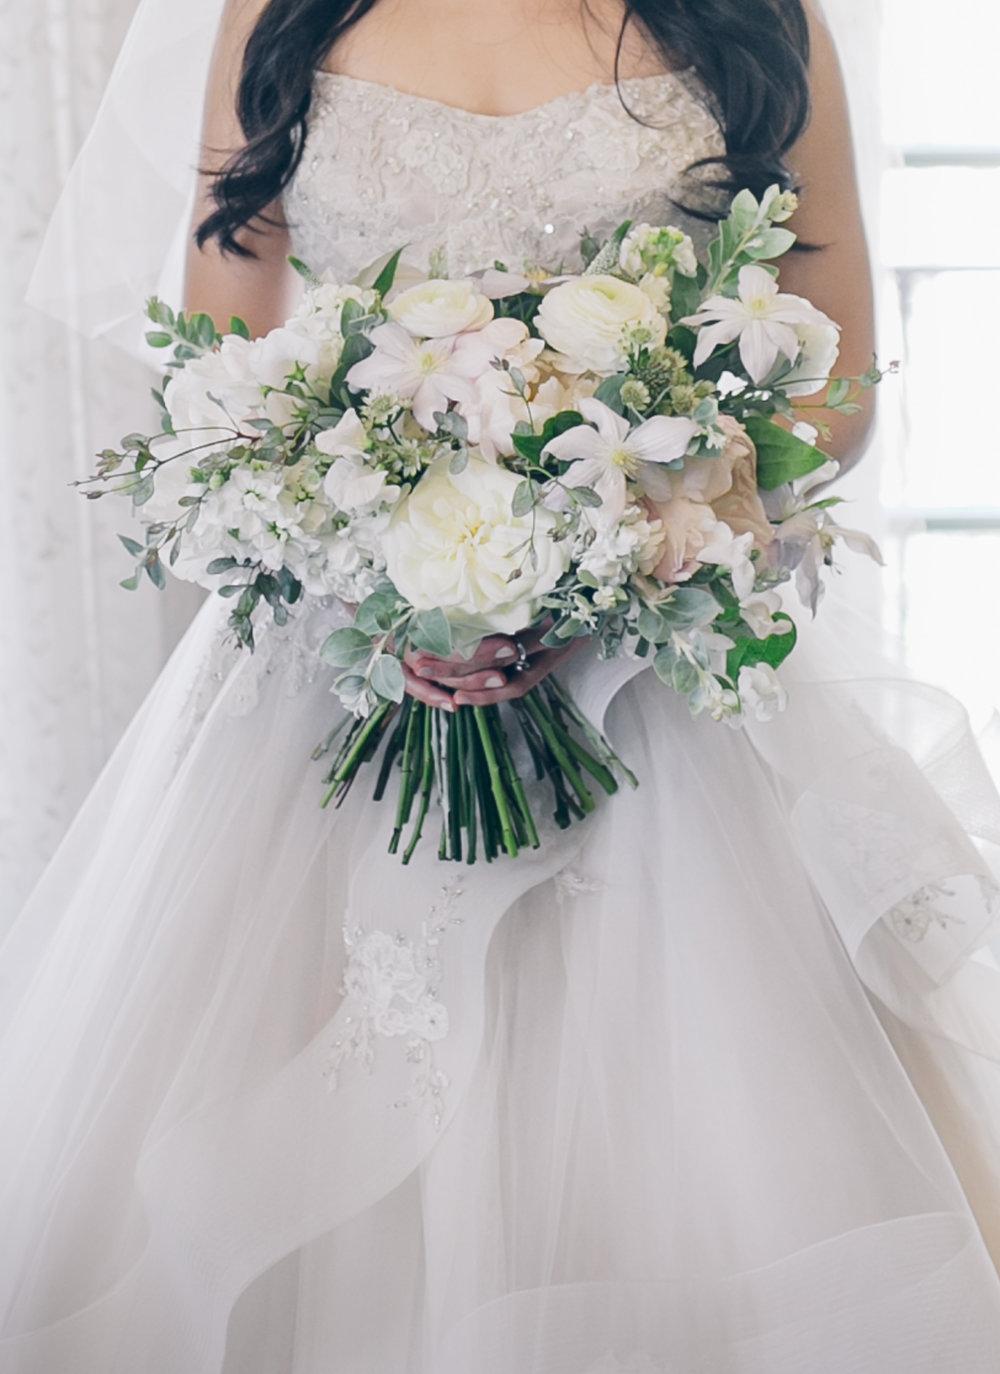 CYNTHIA-ANDY-WEDDING-0158-010055.jpg